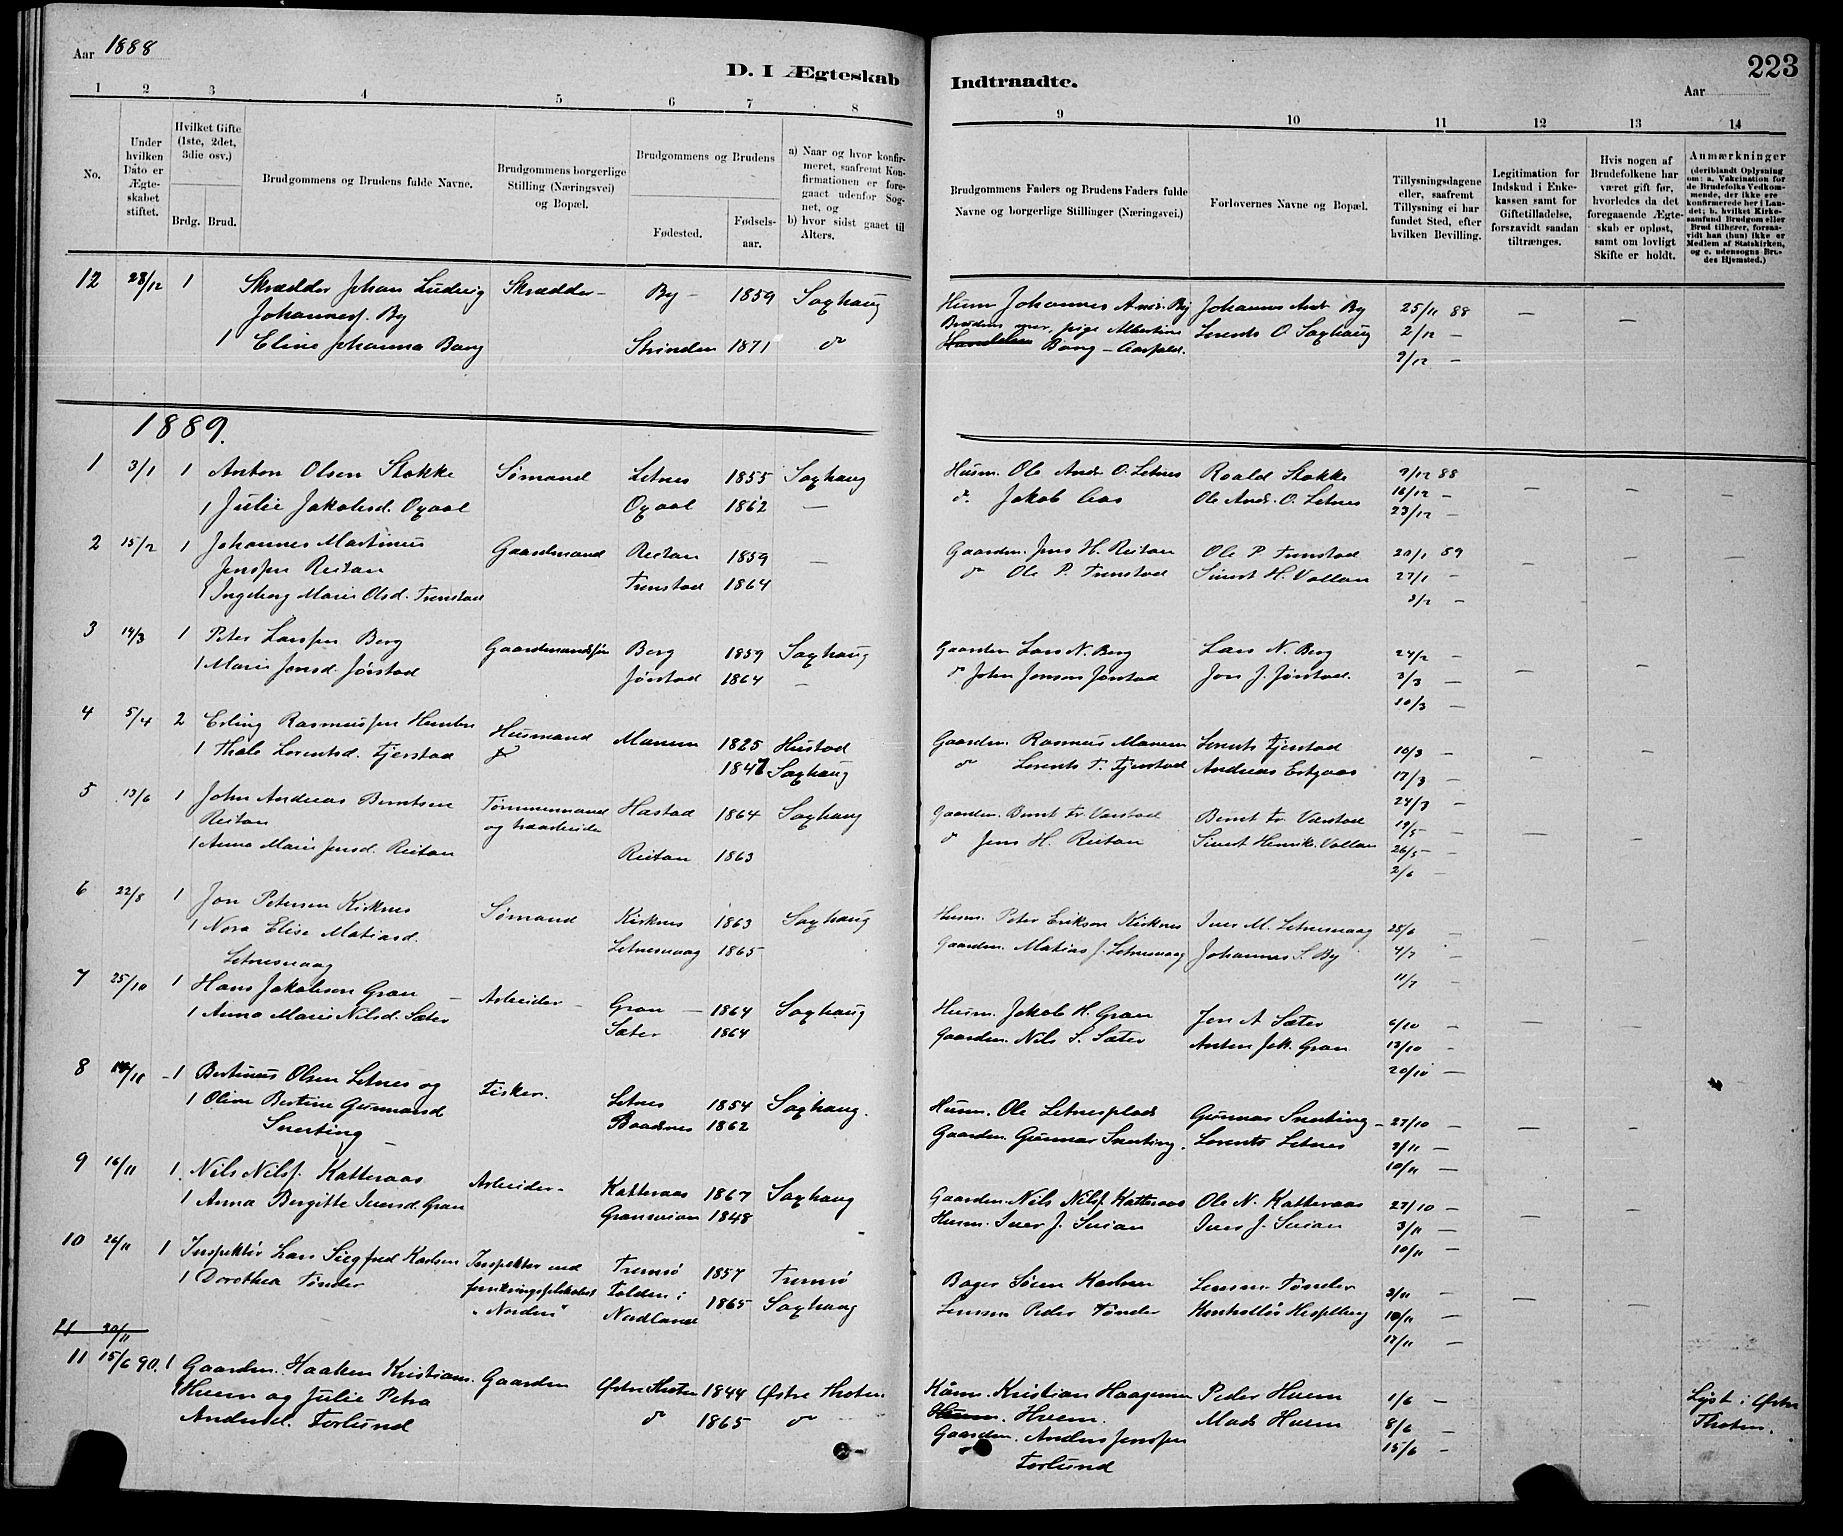 SAT, Ministerialprotokoller, klokkerbøker og fødselsregistre - Nord-Trøndelag, 730/L0301: Klokkerbok nr. 730C04, 1880-1897, s. 223